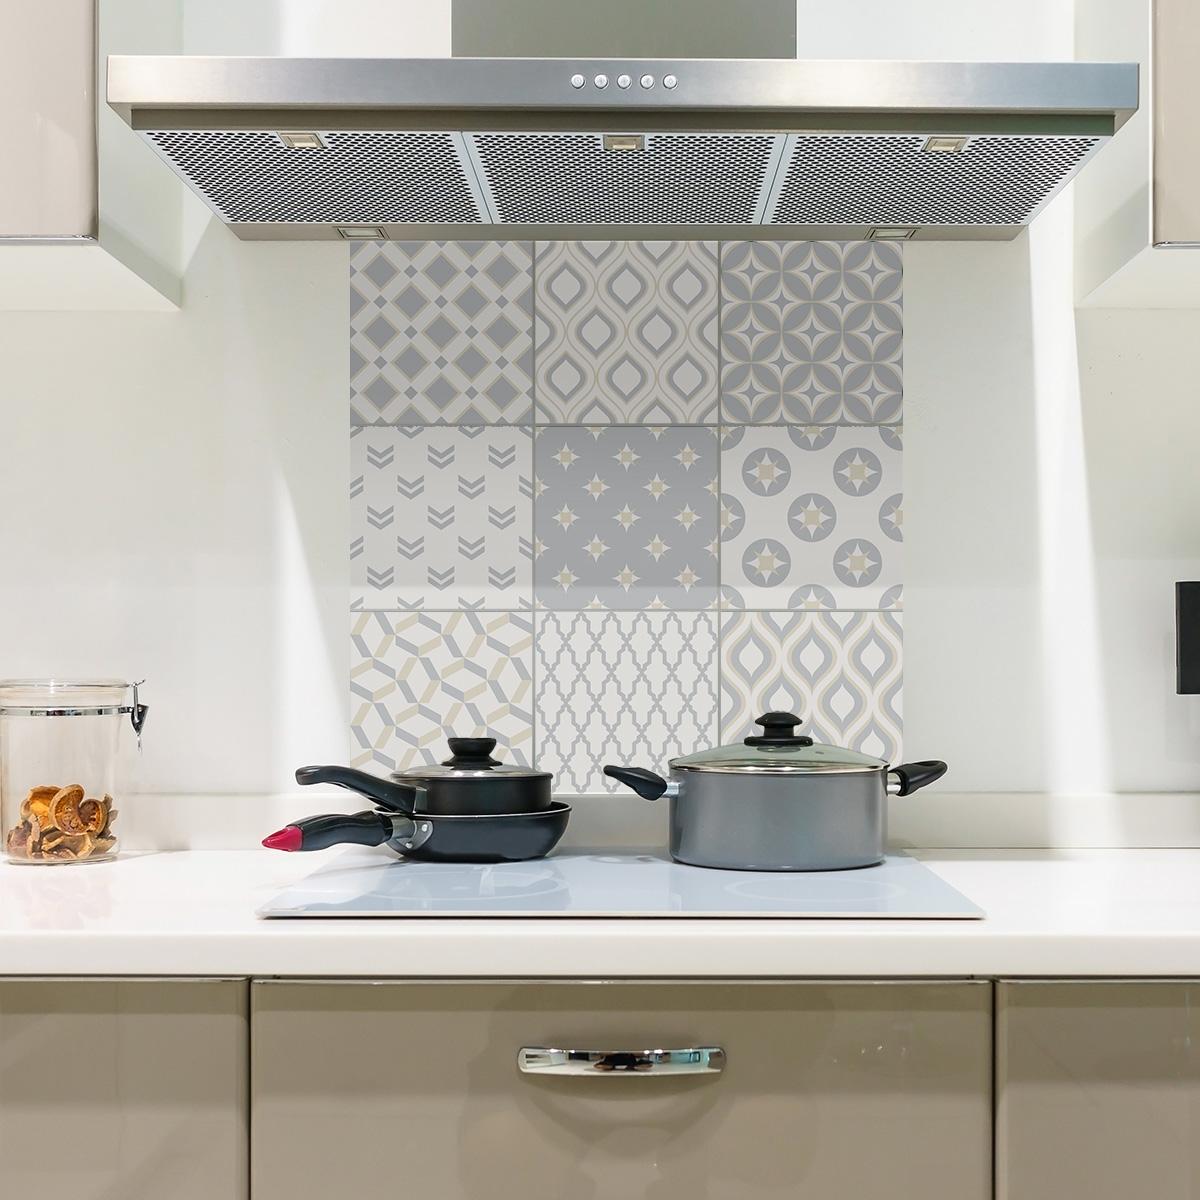 9 stickers carreaux de ciment ethnique nagasaki cuisine carrelages ambiance sticker. Black Bedroom Furniture Sets. Home Design Ideas